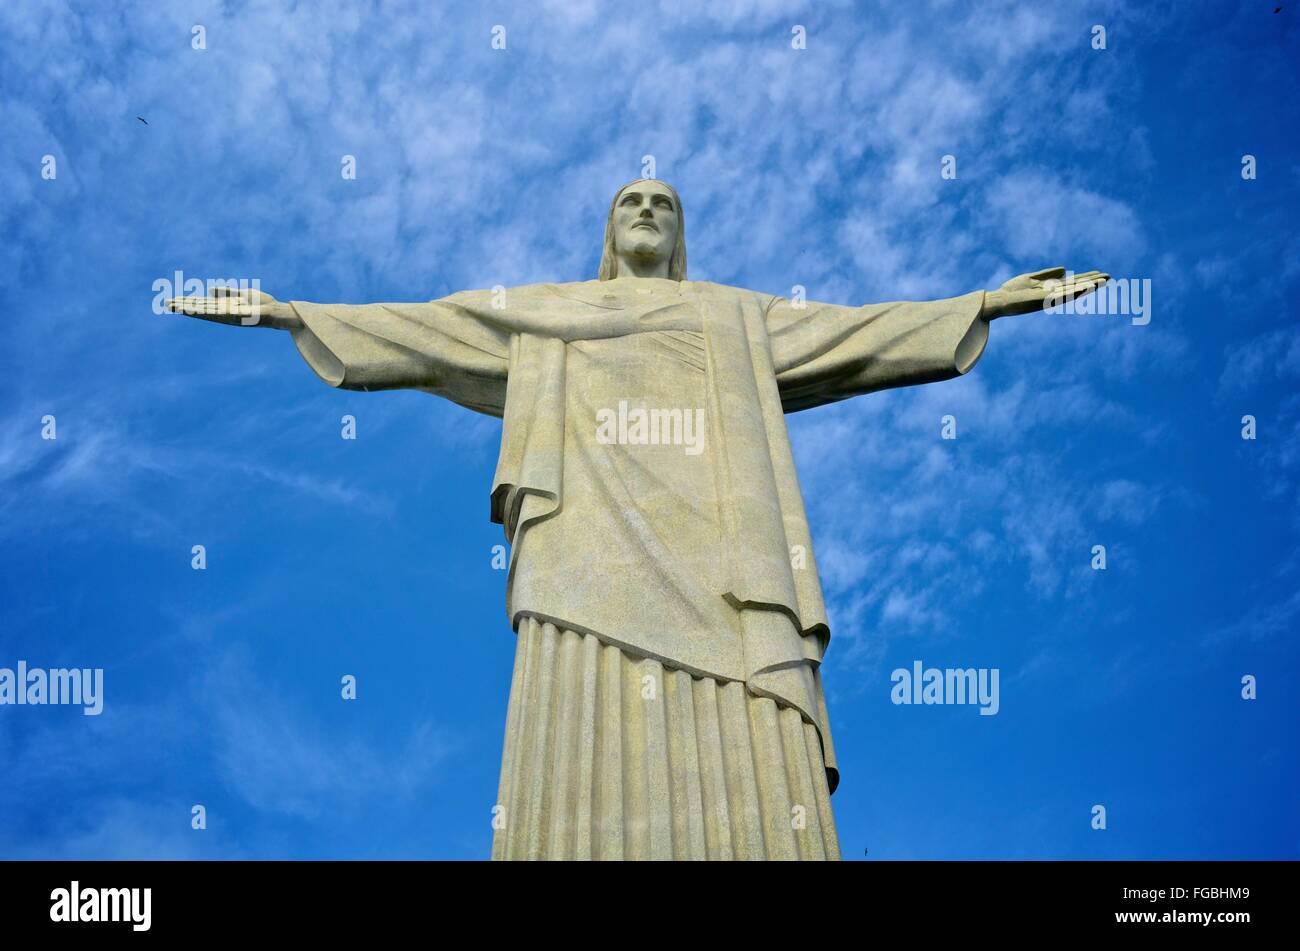 La estatua de Cristo Redentor, sobre el cerro del Corcovado, Río de Janeiro, Brasil. Imagen De Stock